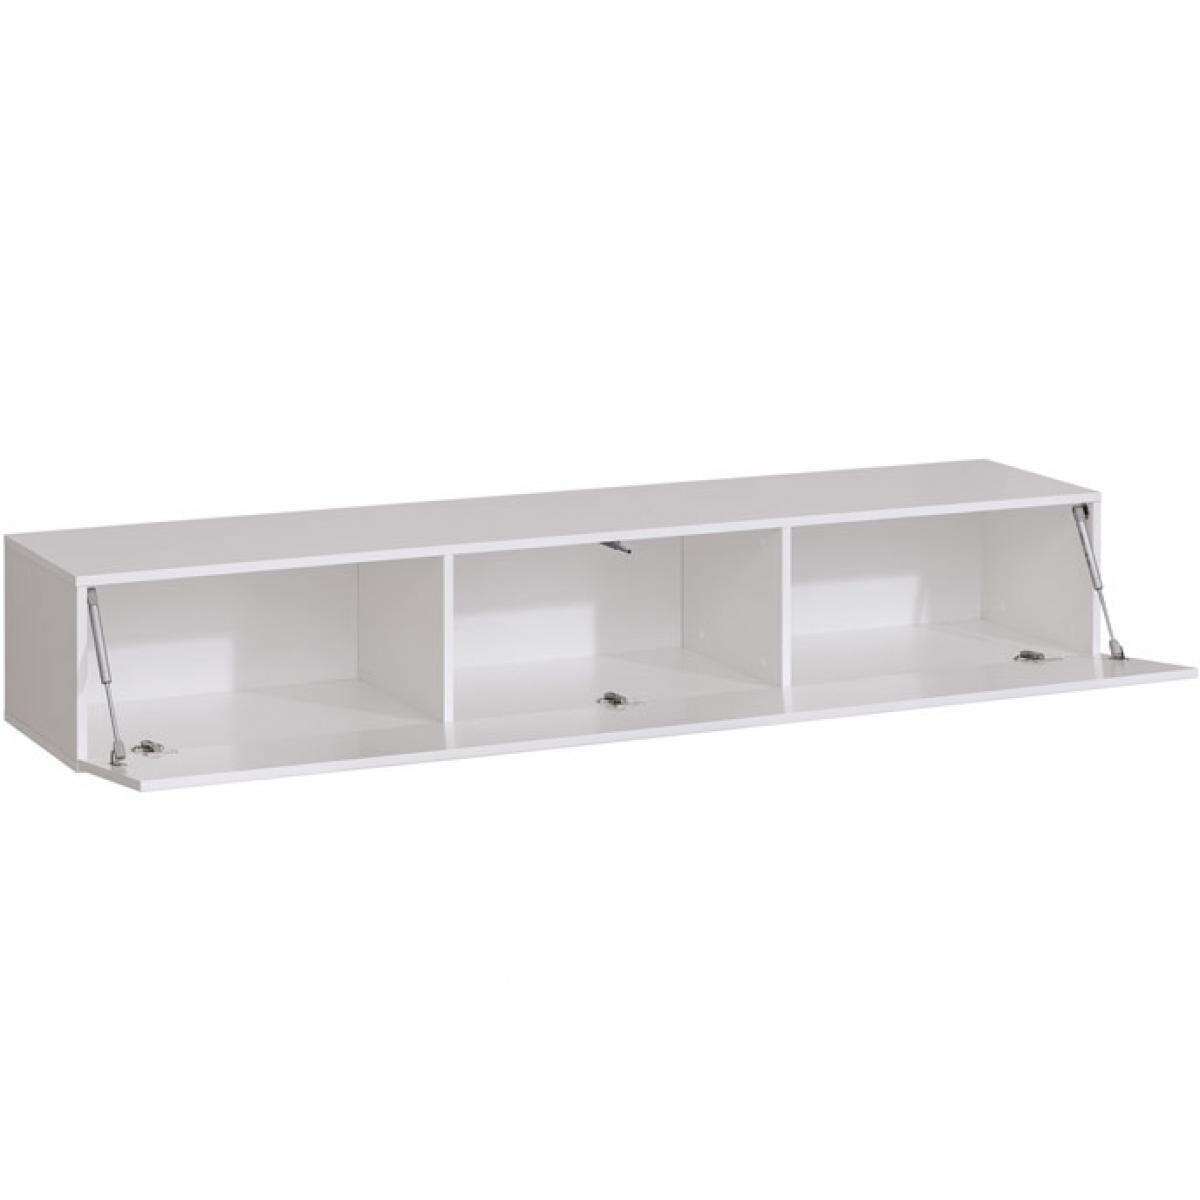 Design Ameublement Meuble TV modèle Berit 180x30 couleur blanc